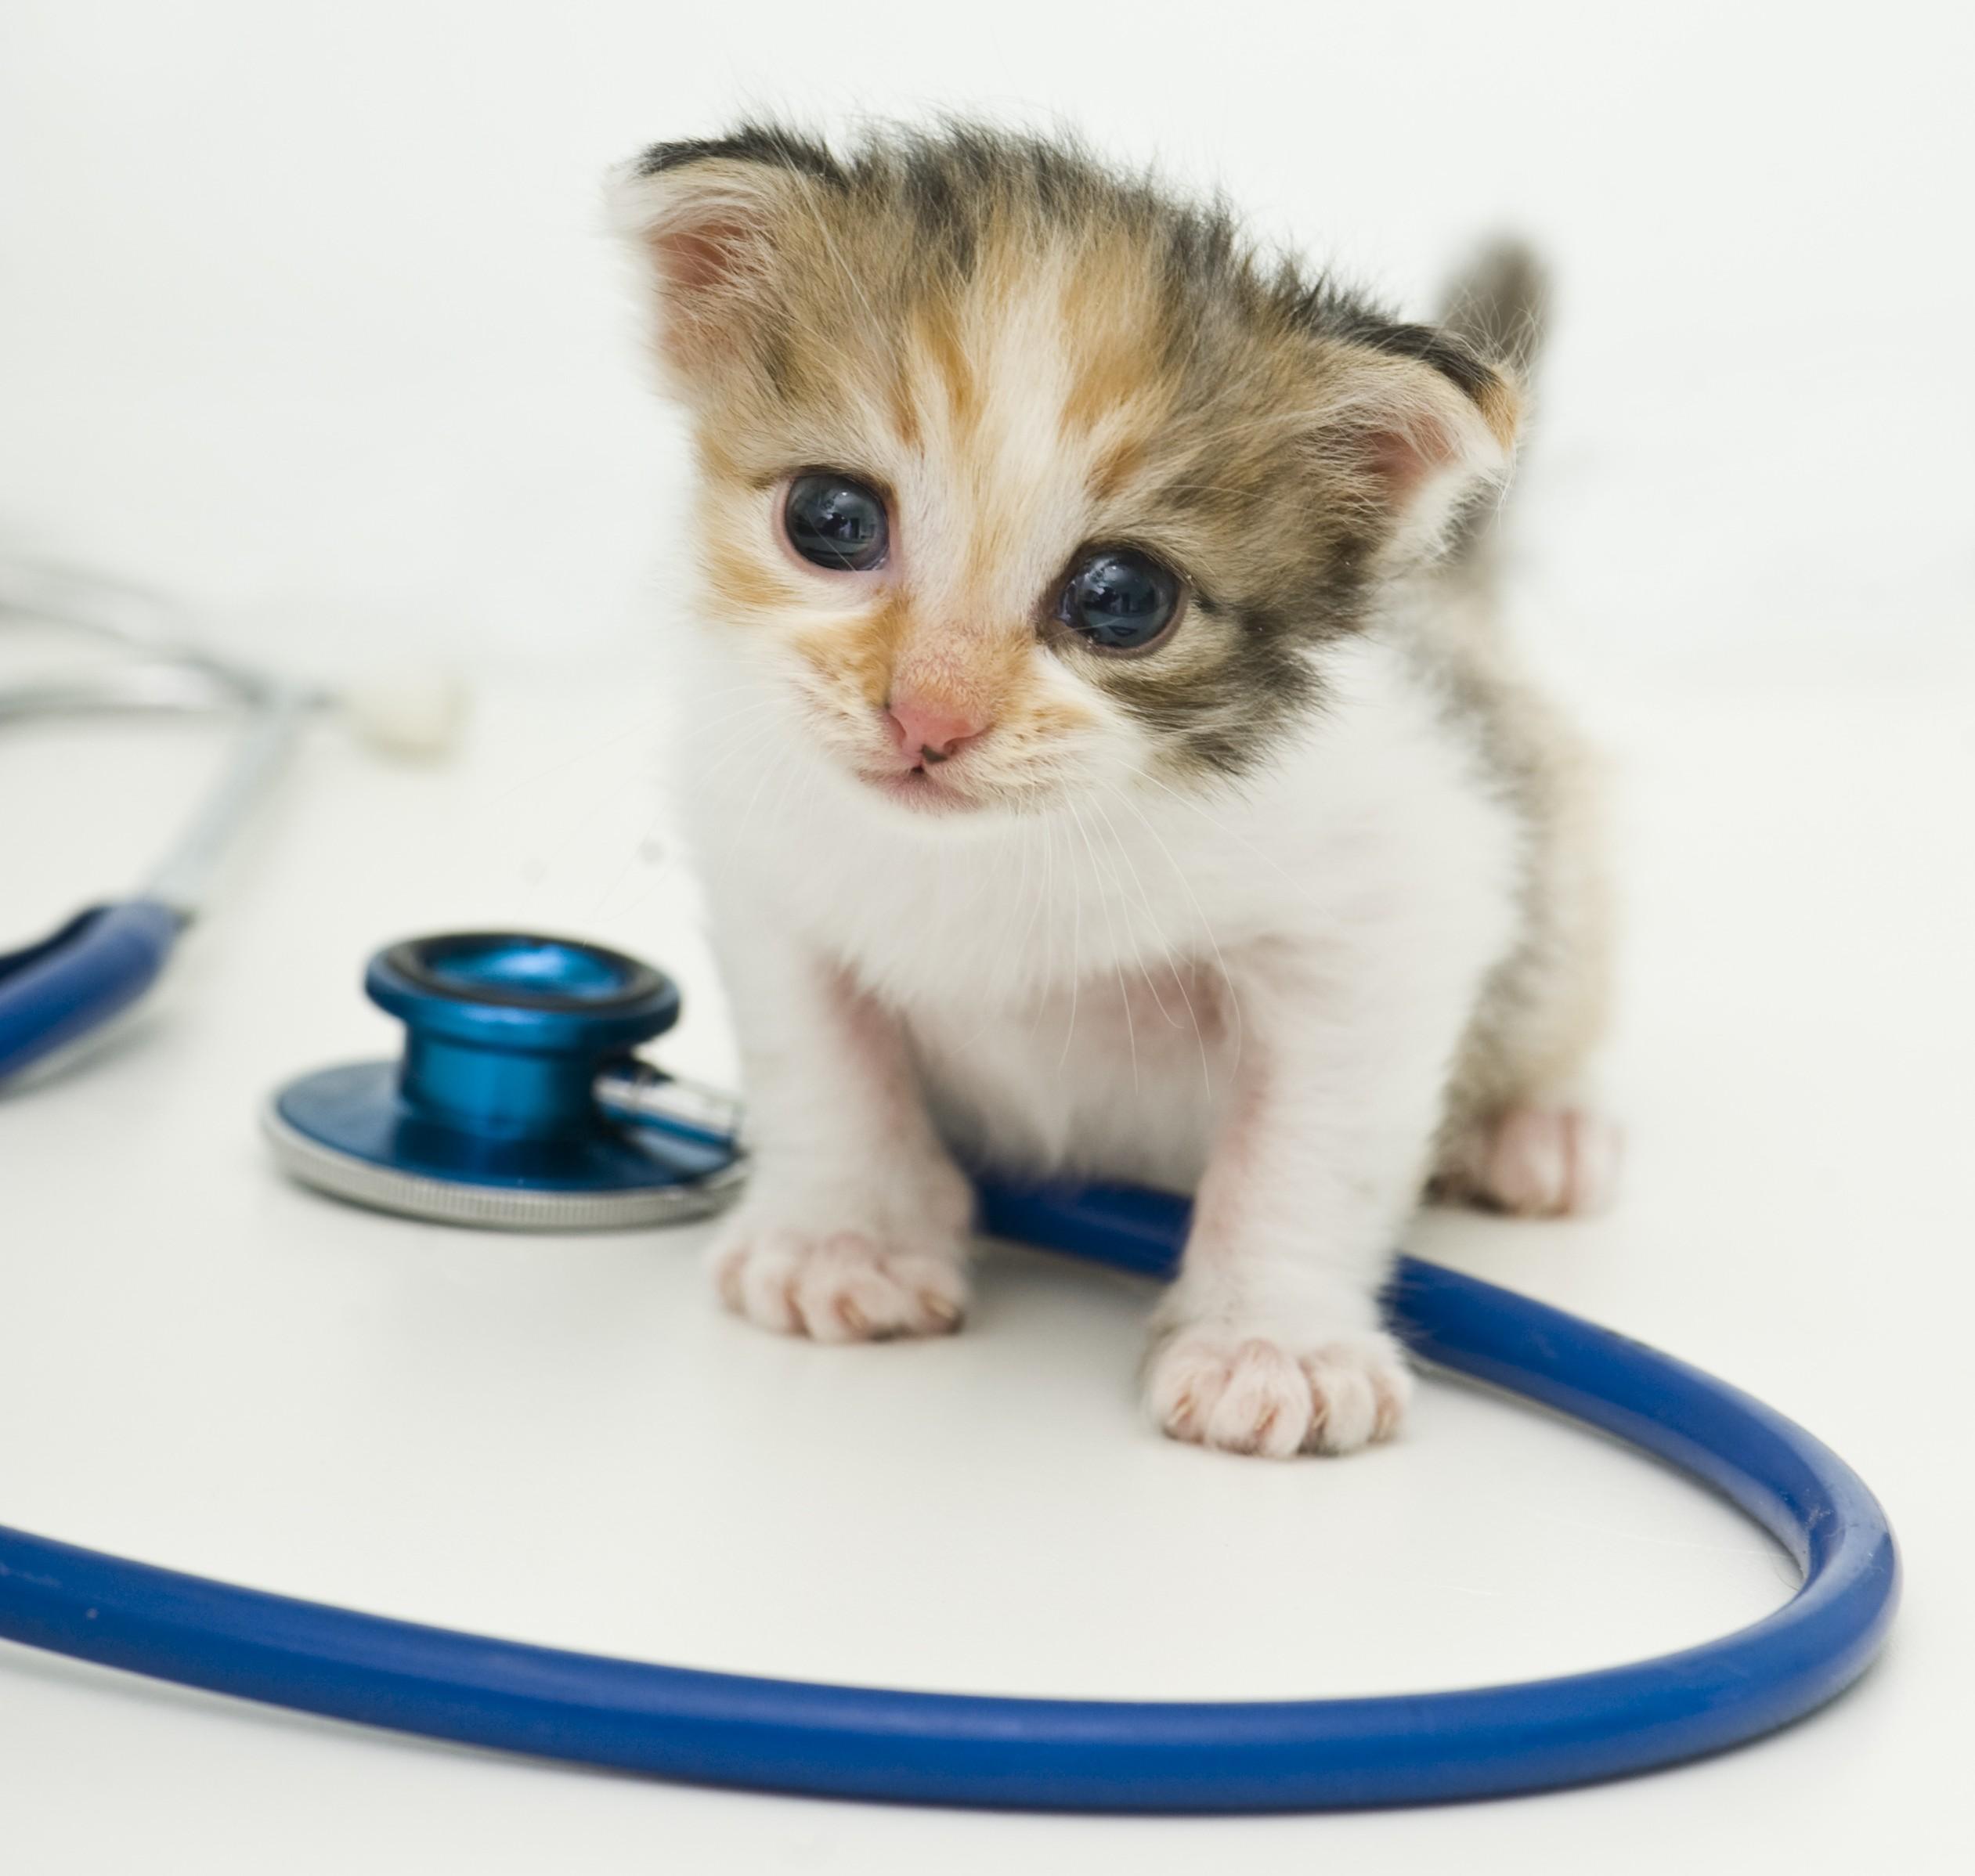 Voor het bepalen welke dierziekten een rol speelt is onderzoek door een dierenarts nodig.